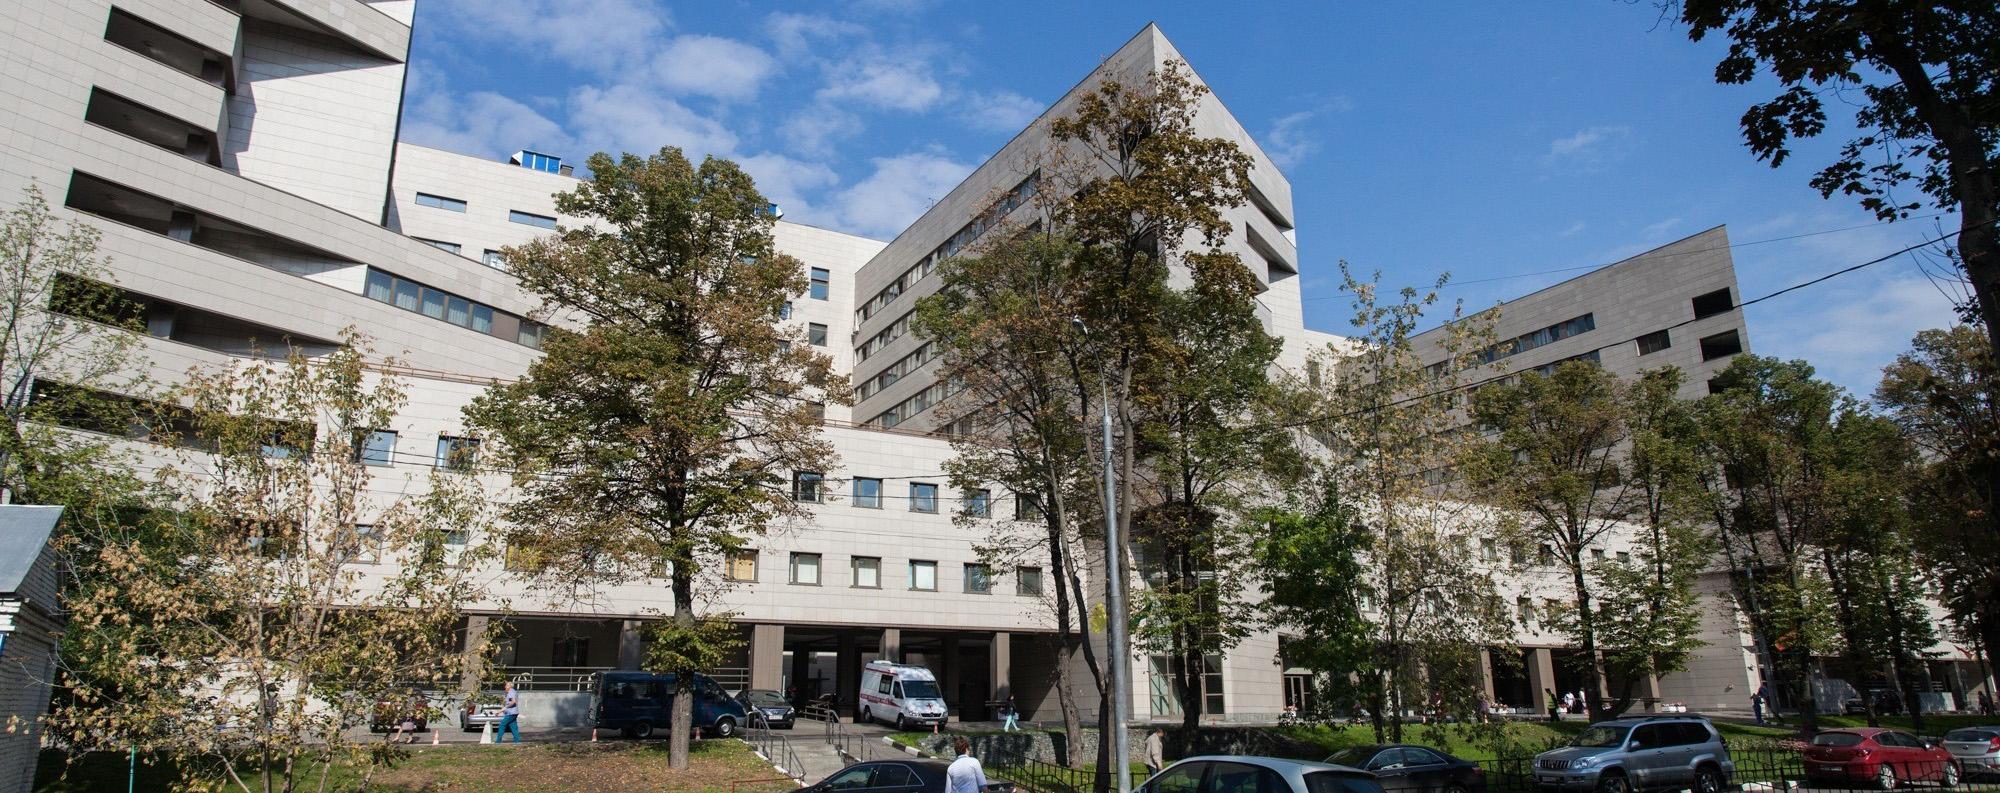 52 больница в москве лор отделение